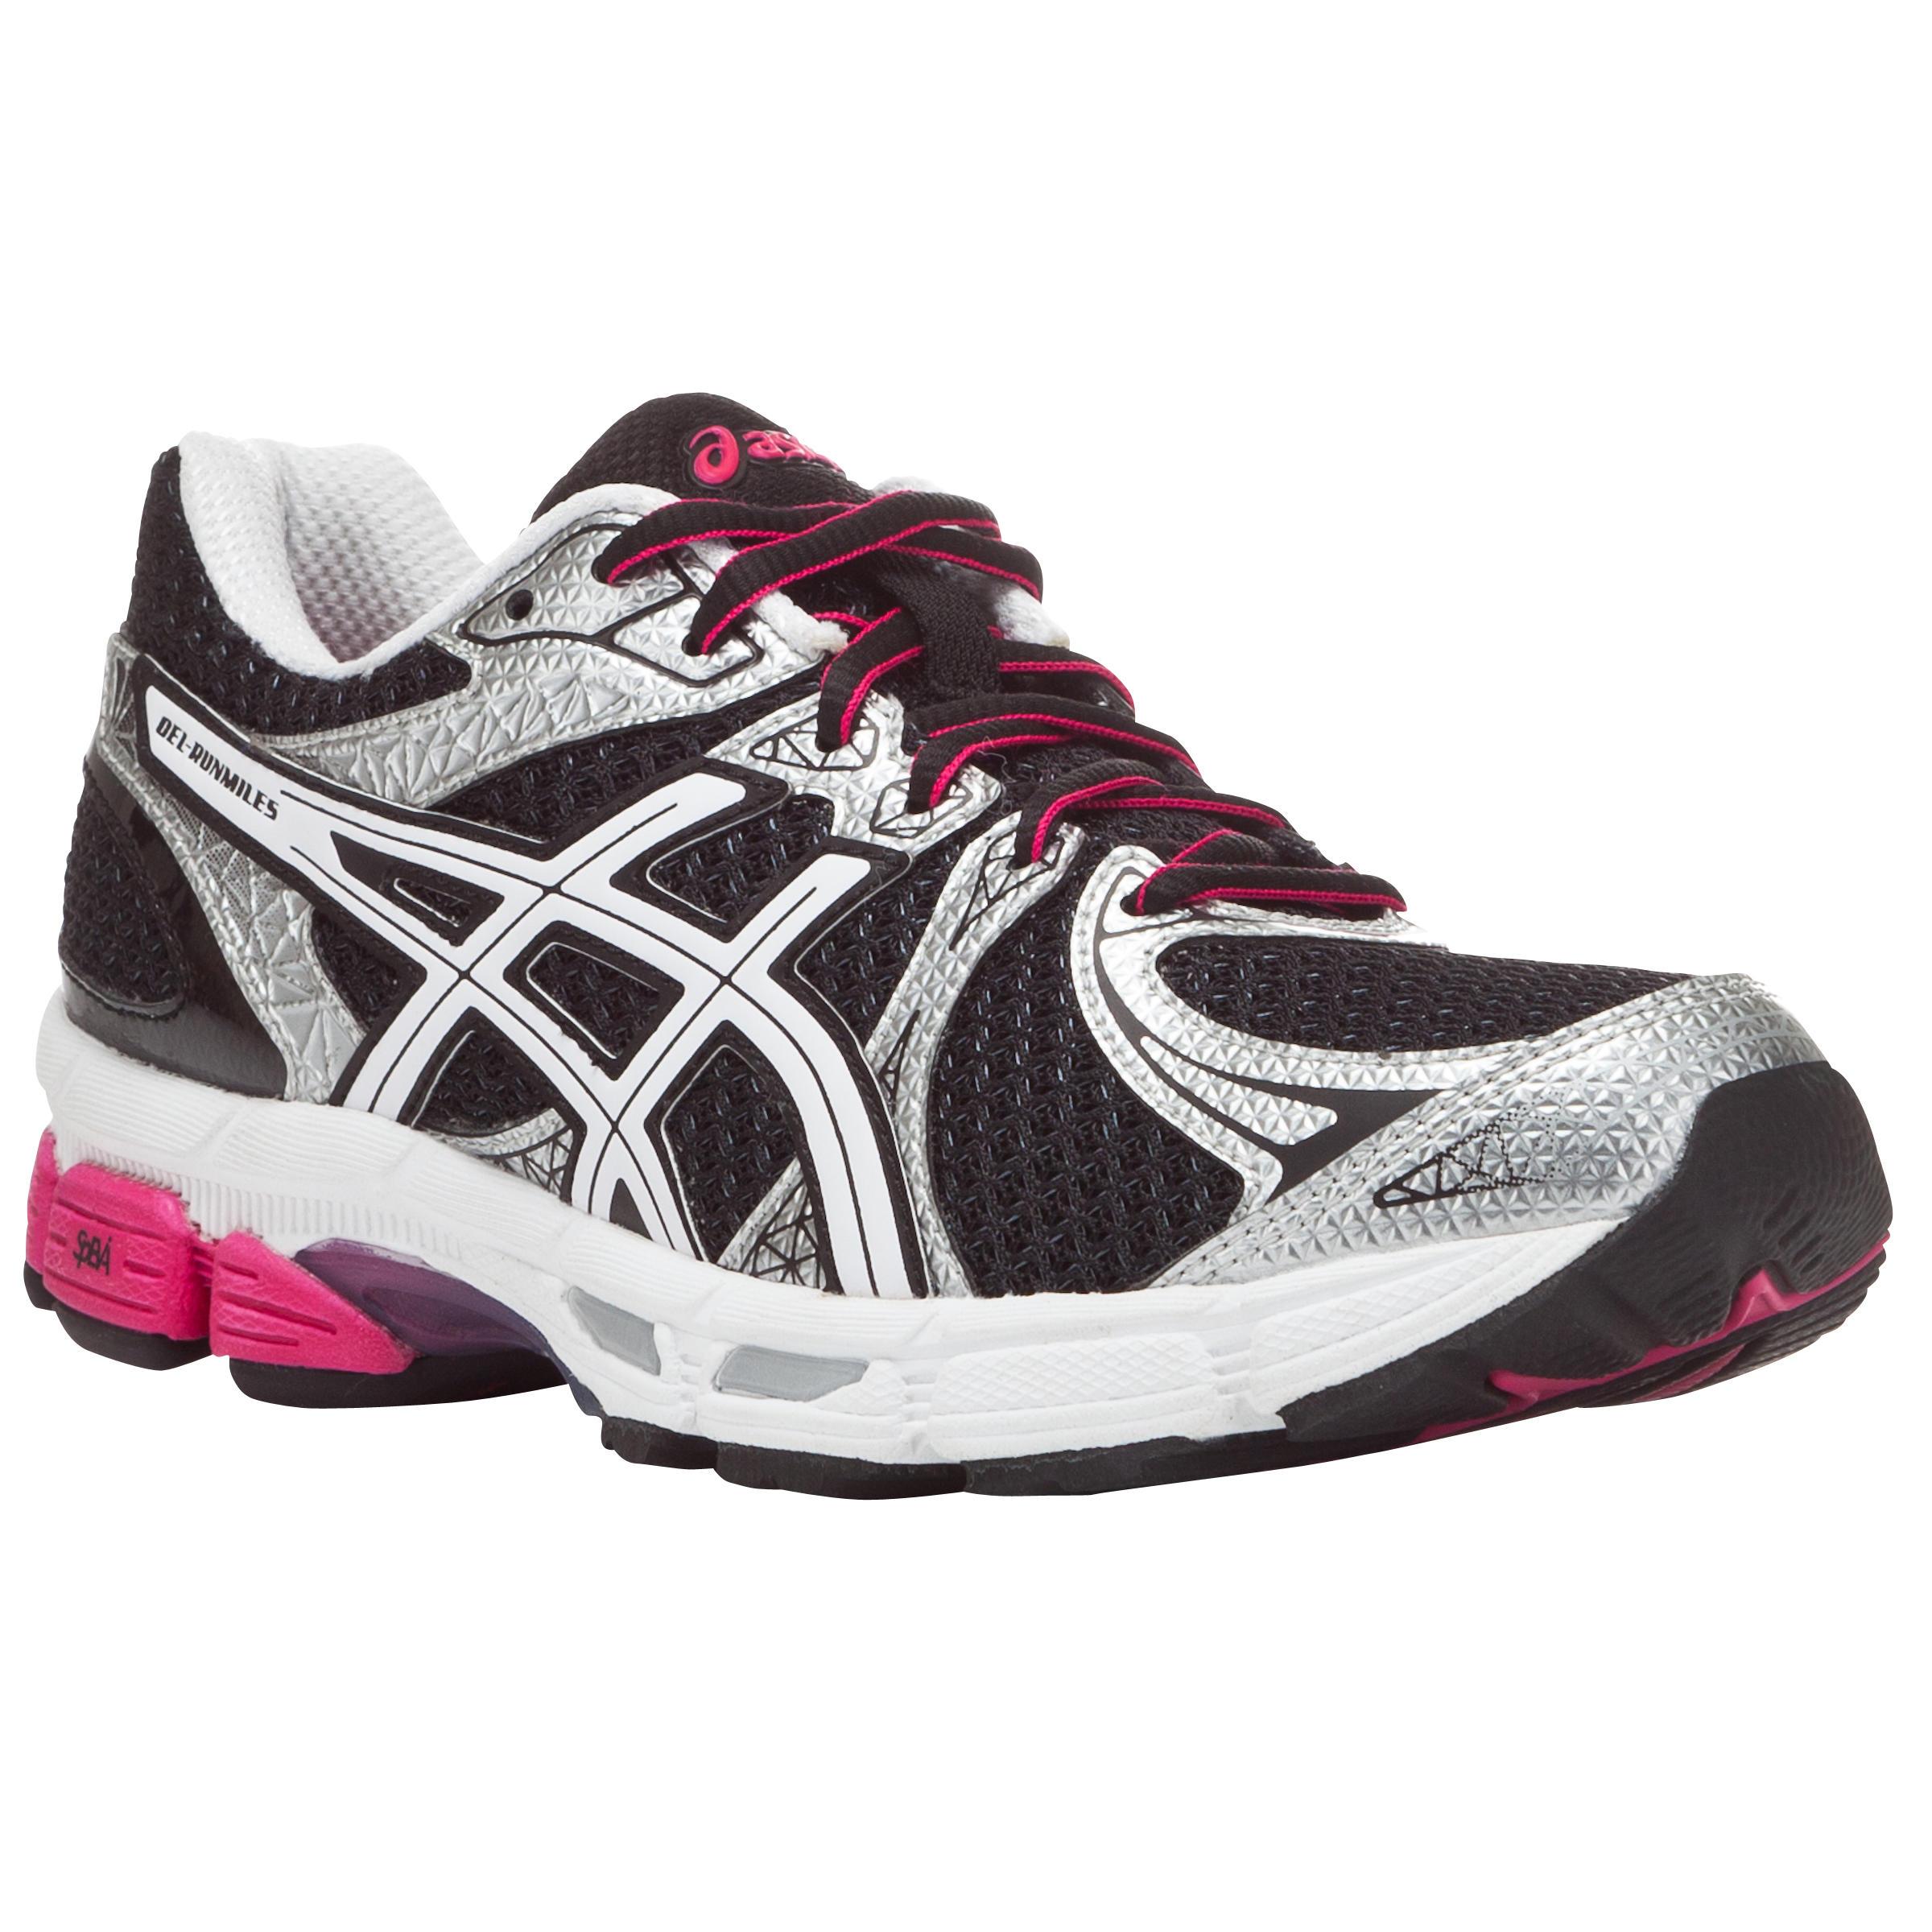 Mn0vo8wn Femme Running Runmiles Asics Gel Chaussures shCdtQrx